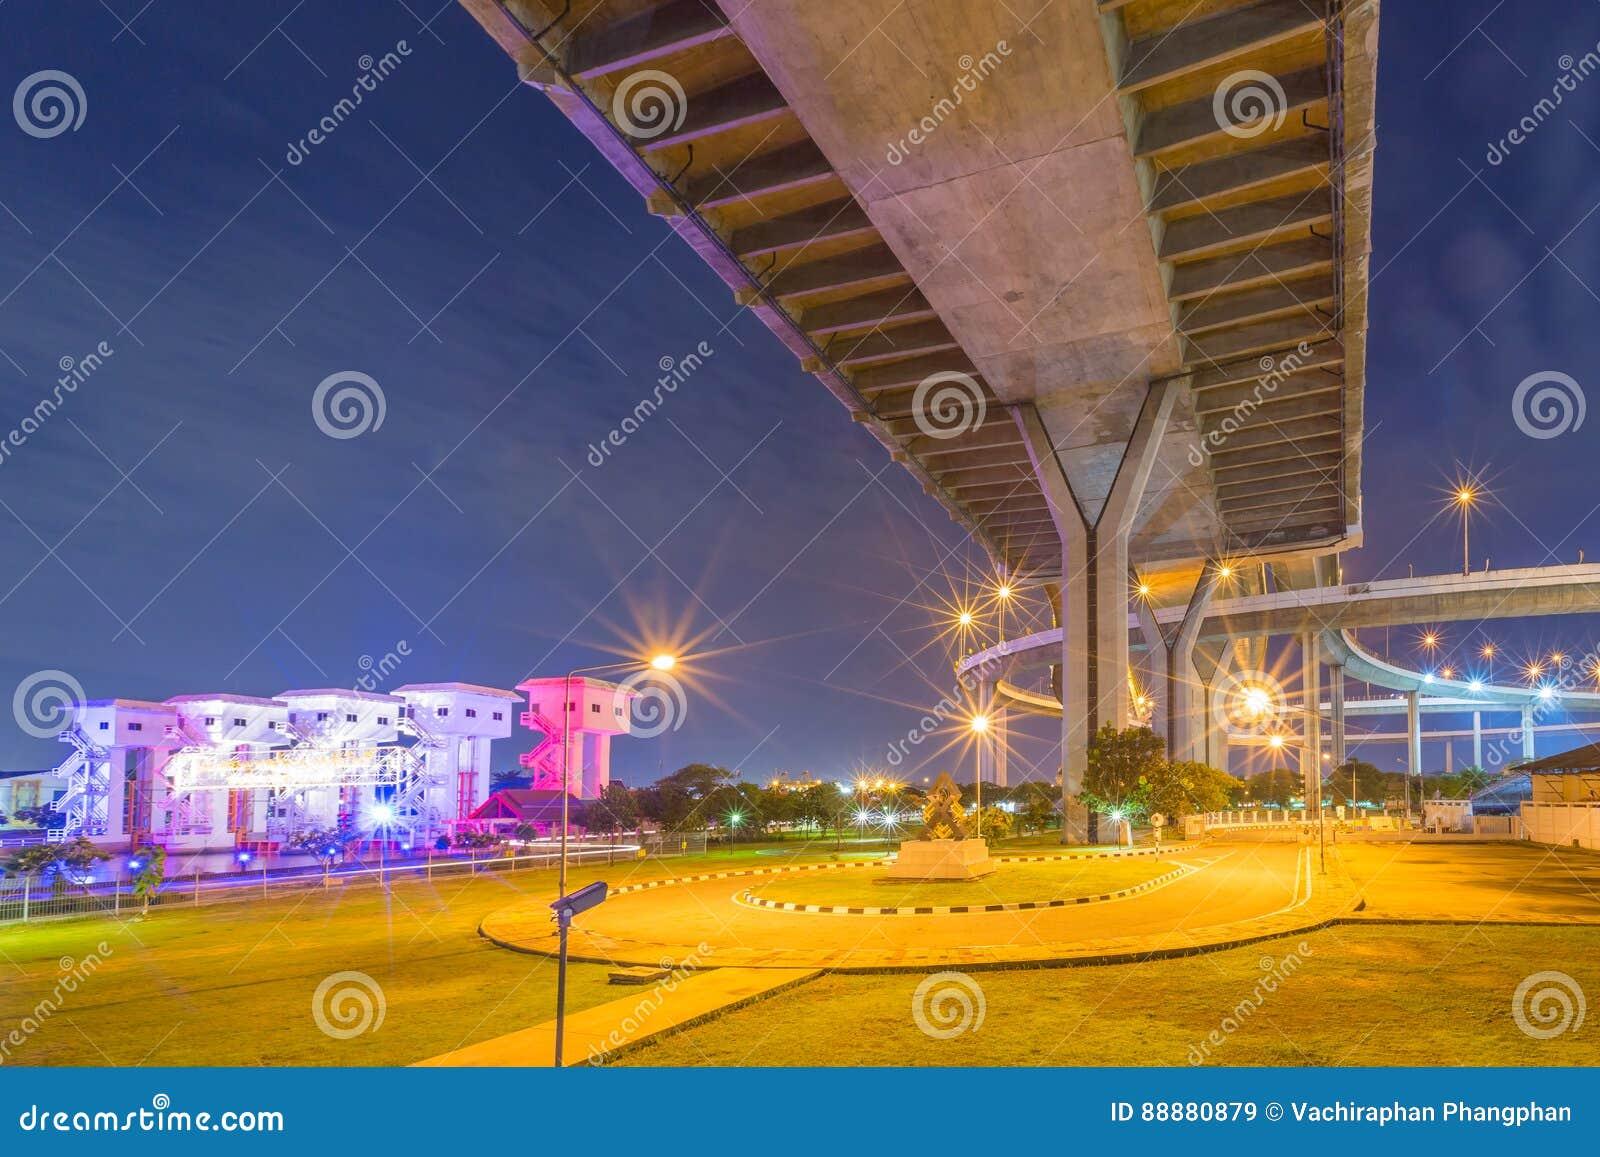 Bhumibol桥梁在晚上